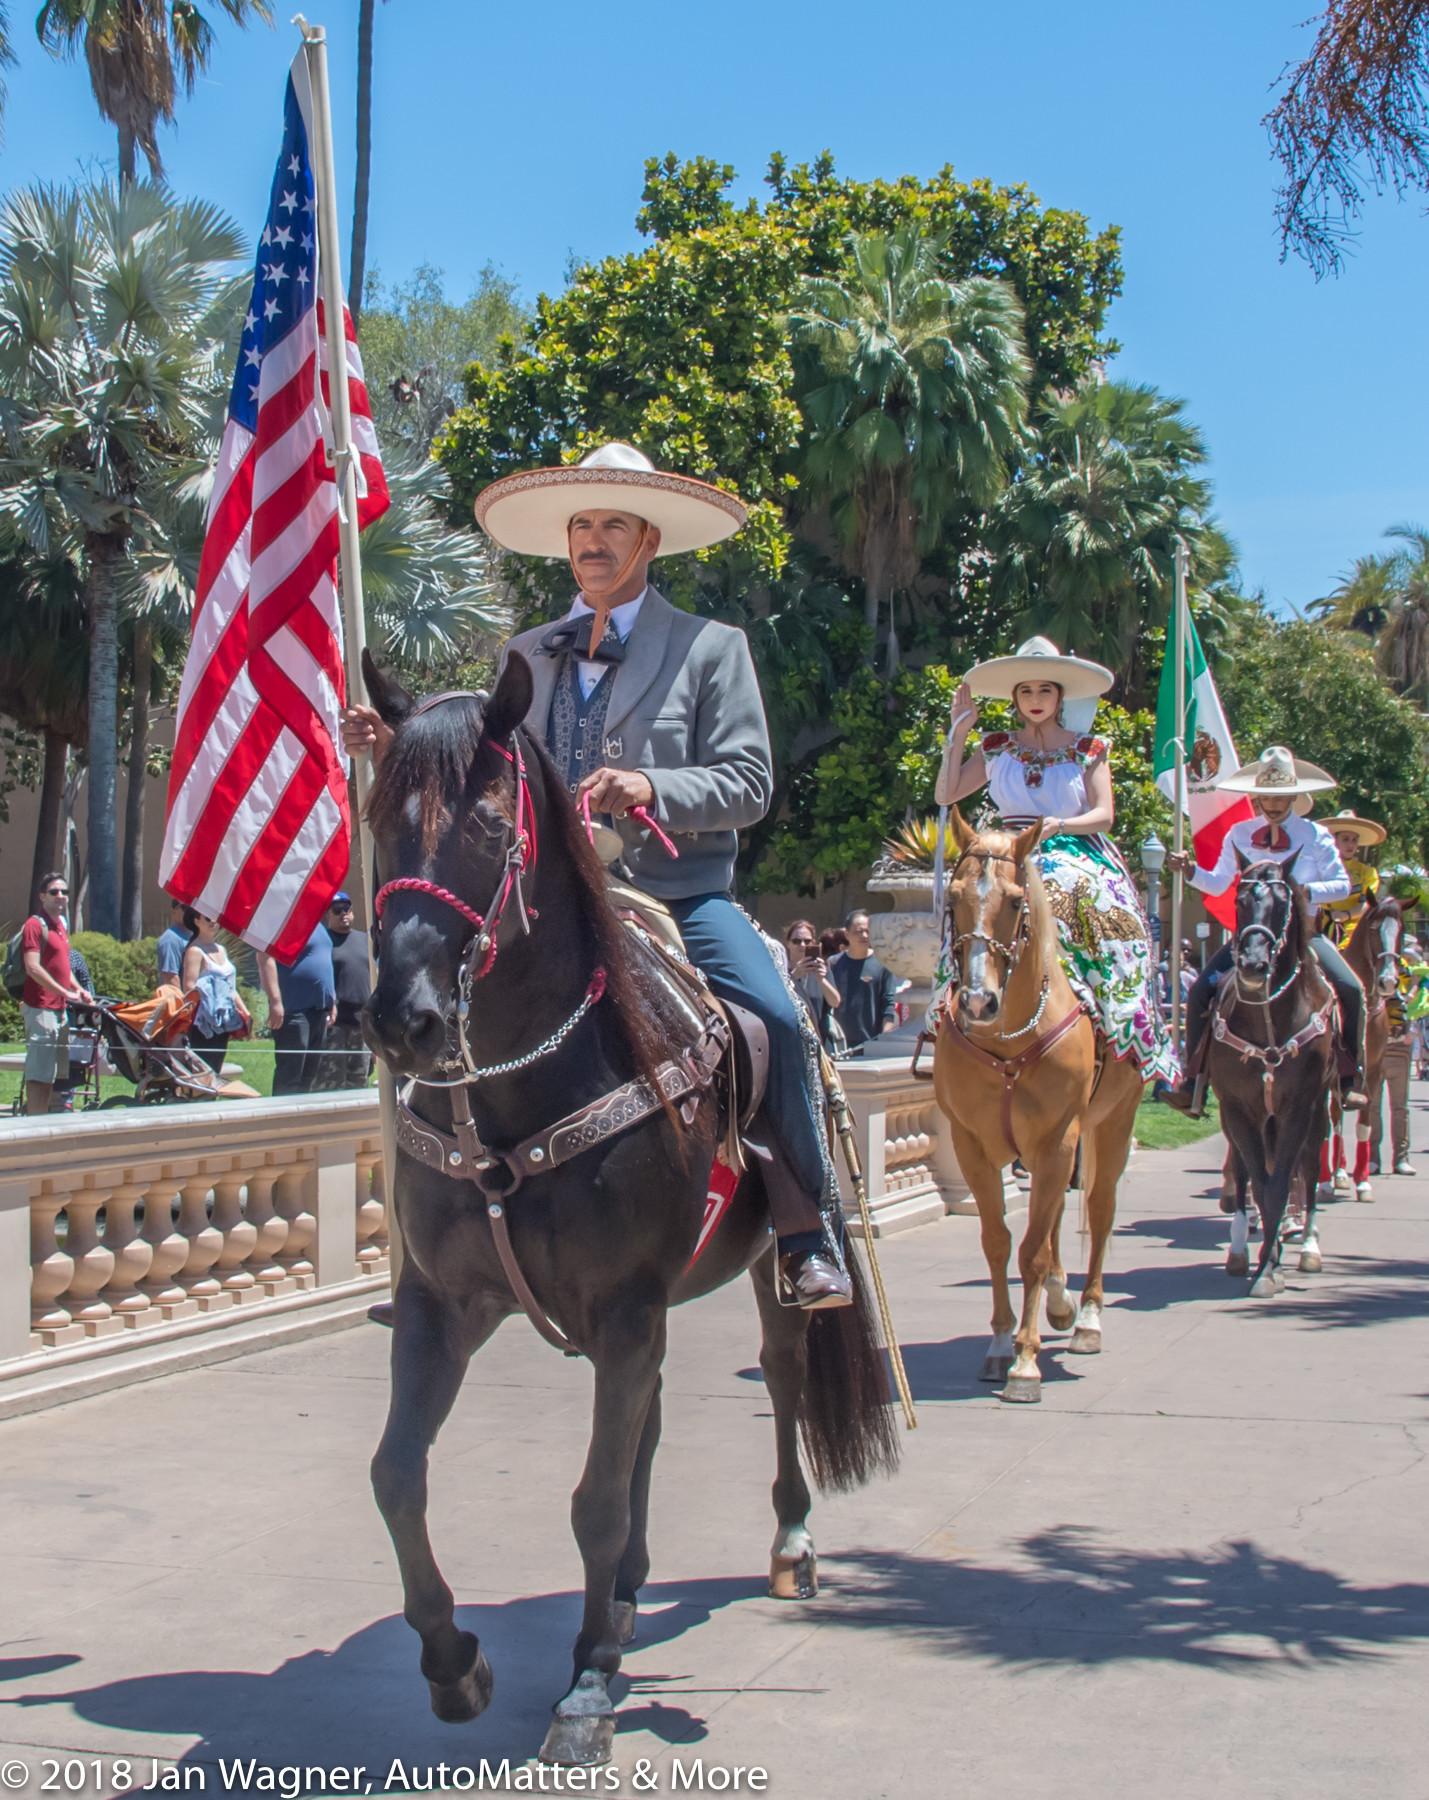 Park parade